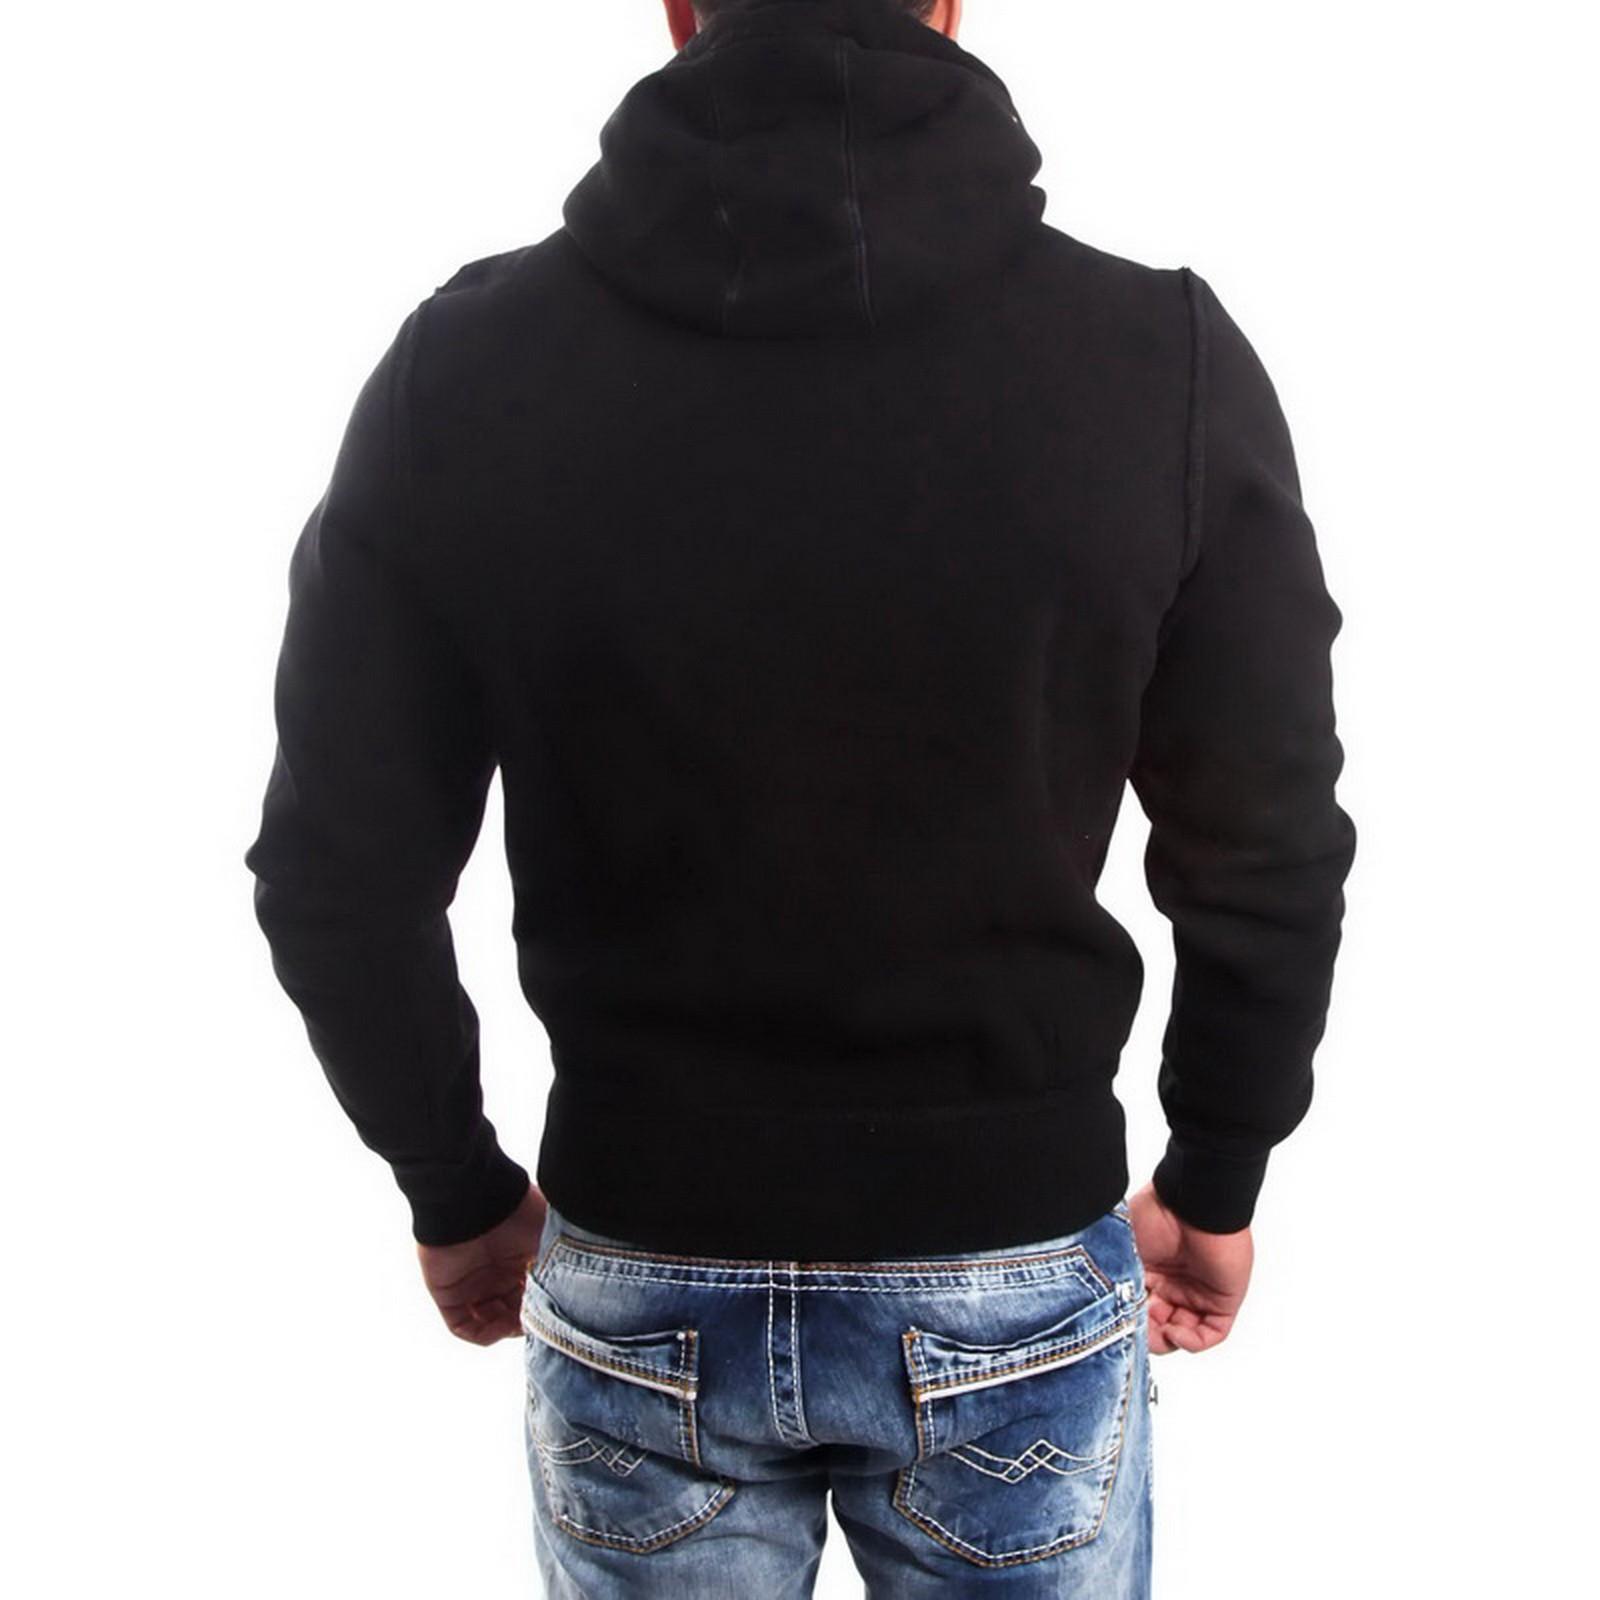 Hoodie Druck Patch Kapuzenpullover Pullover Hoody